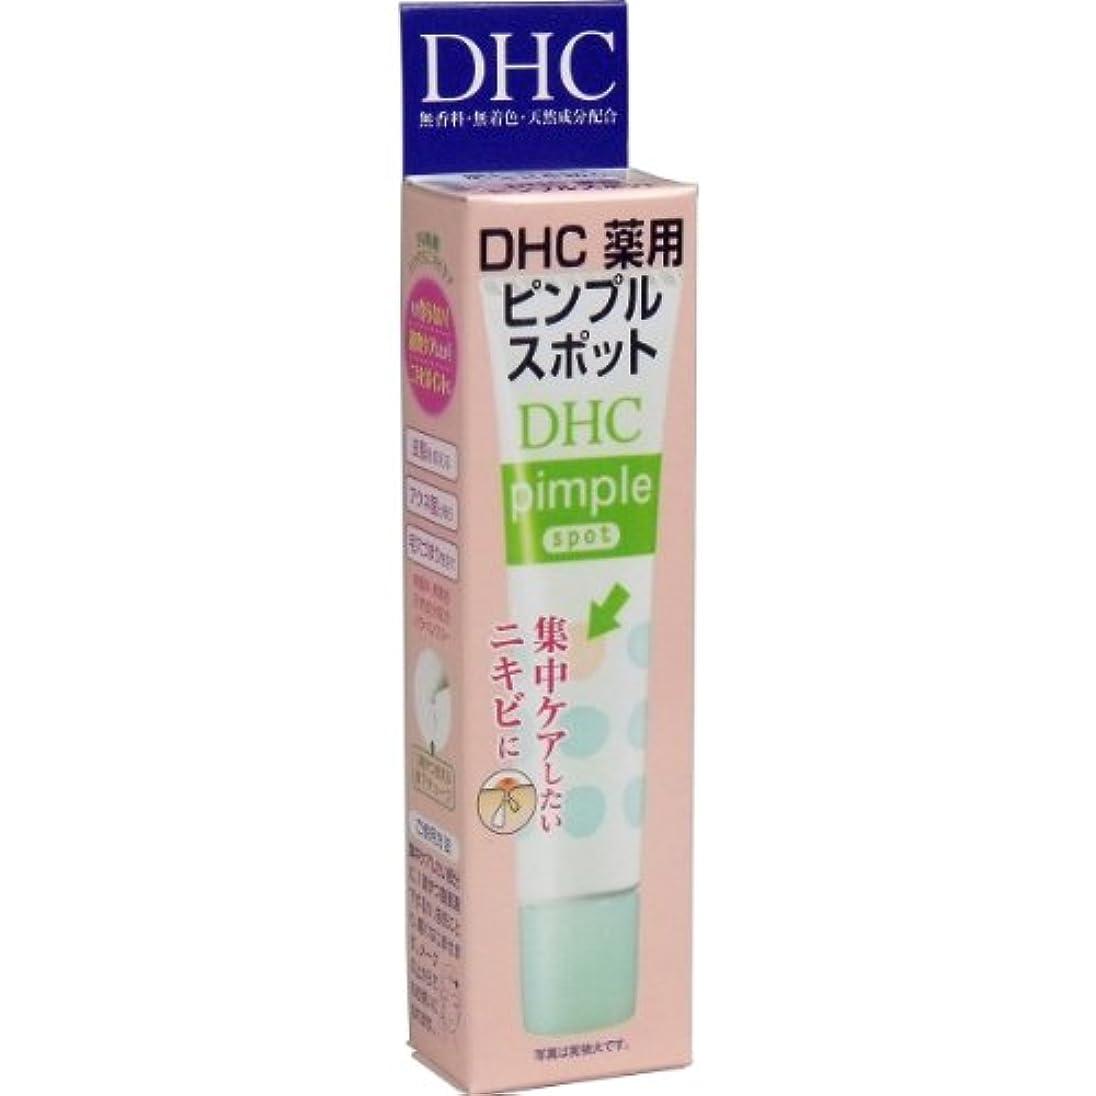 バットソートキリンDHC 薬用ピンプルスポット15ml